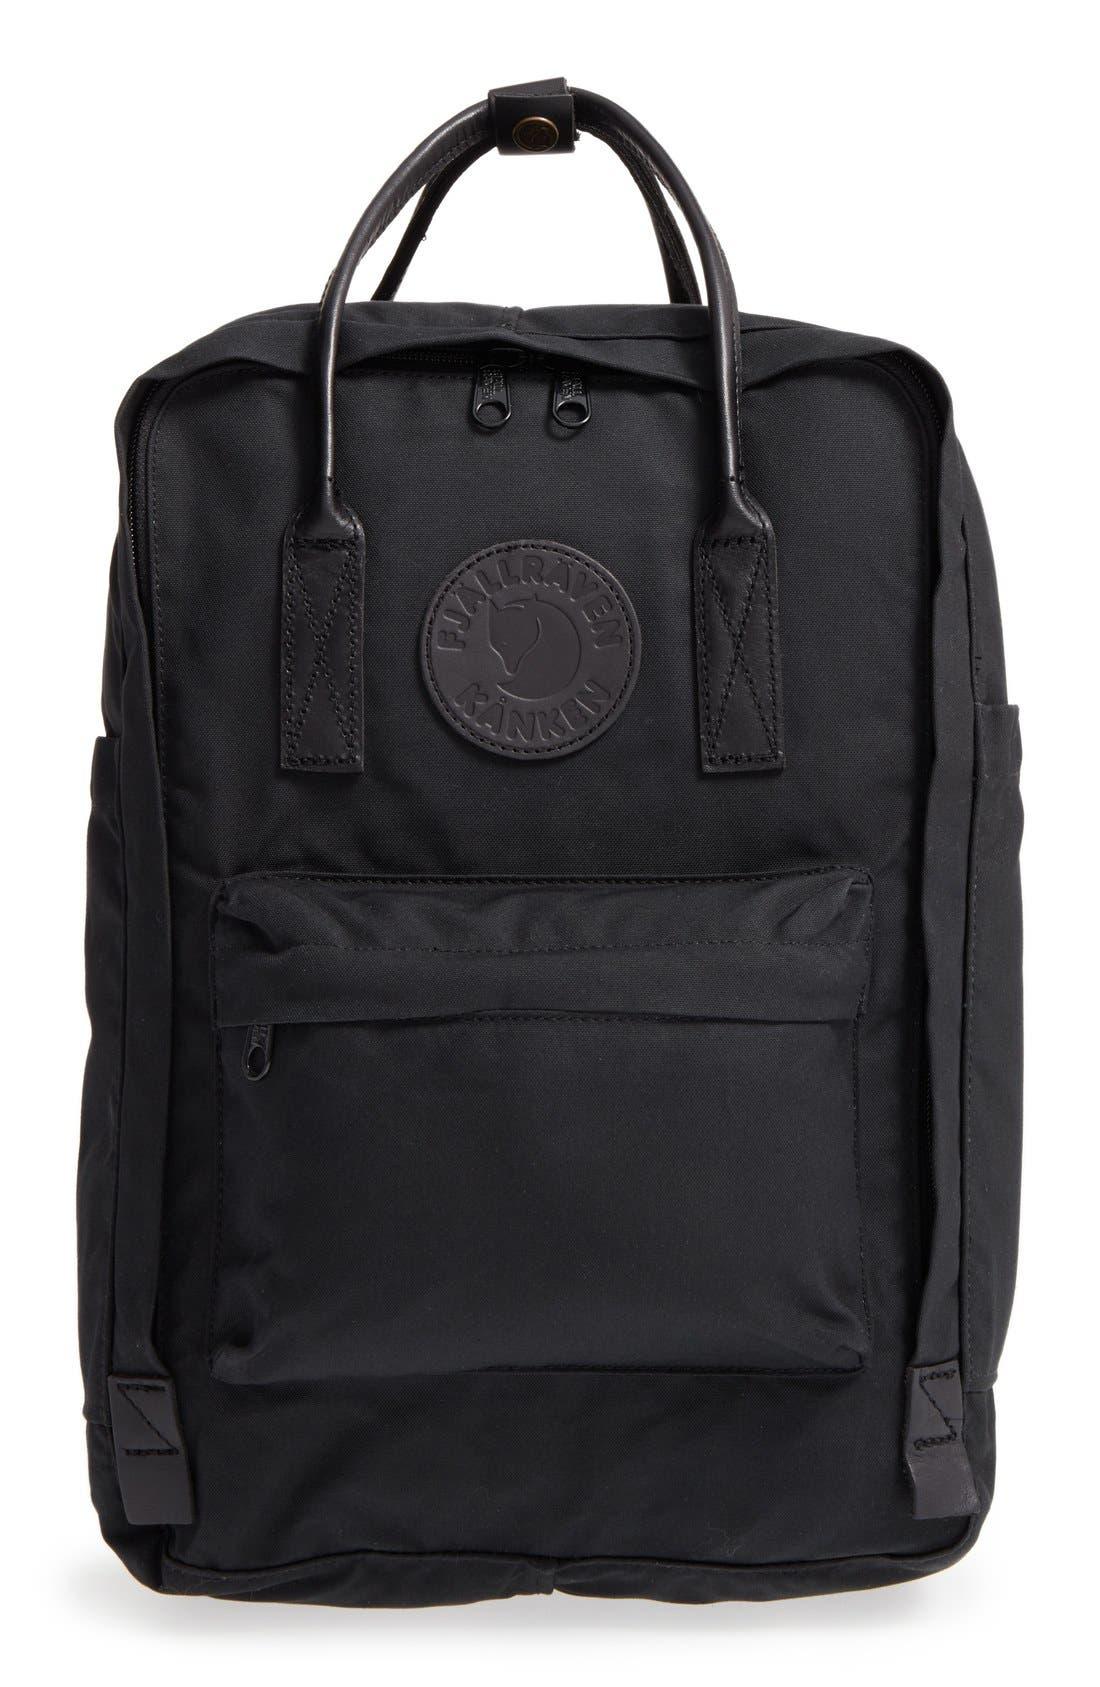 Kånken No. 2 Laptop Backpack,                         Main,                         color, BLACK